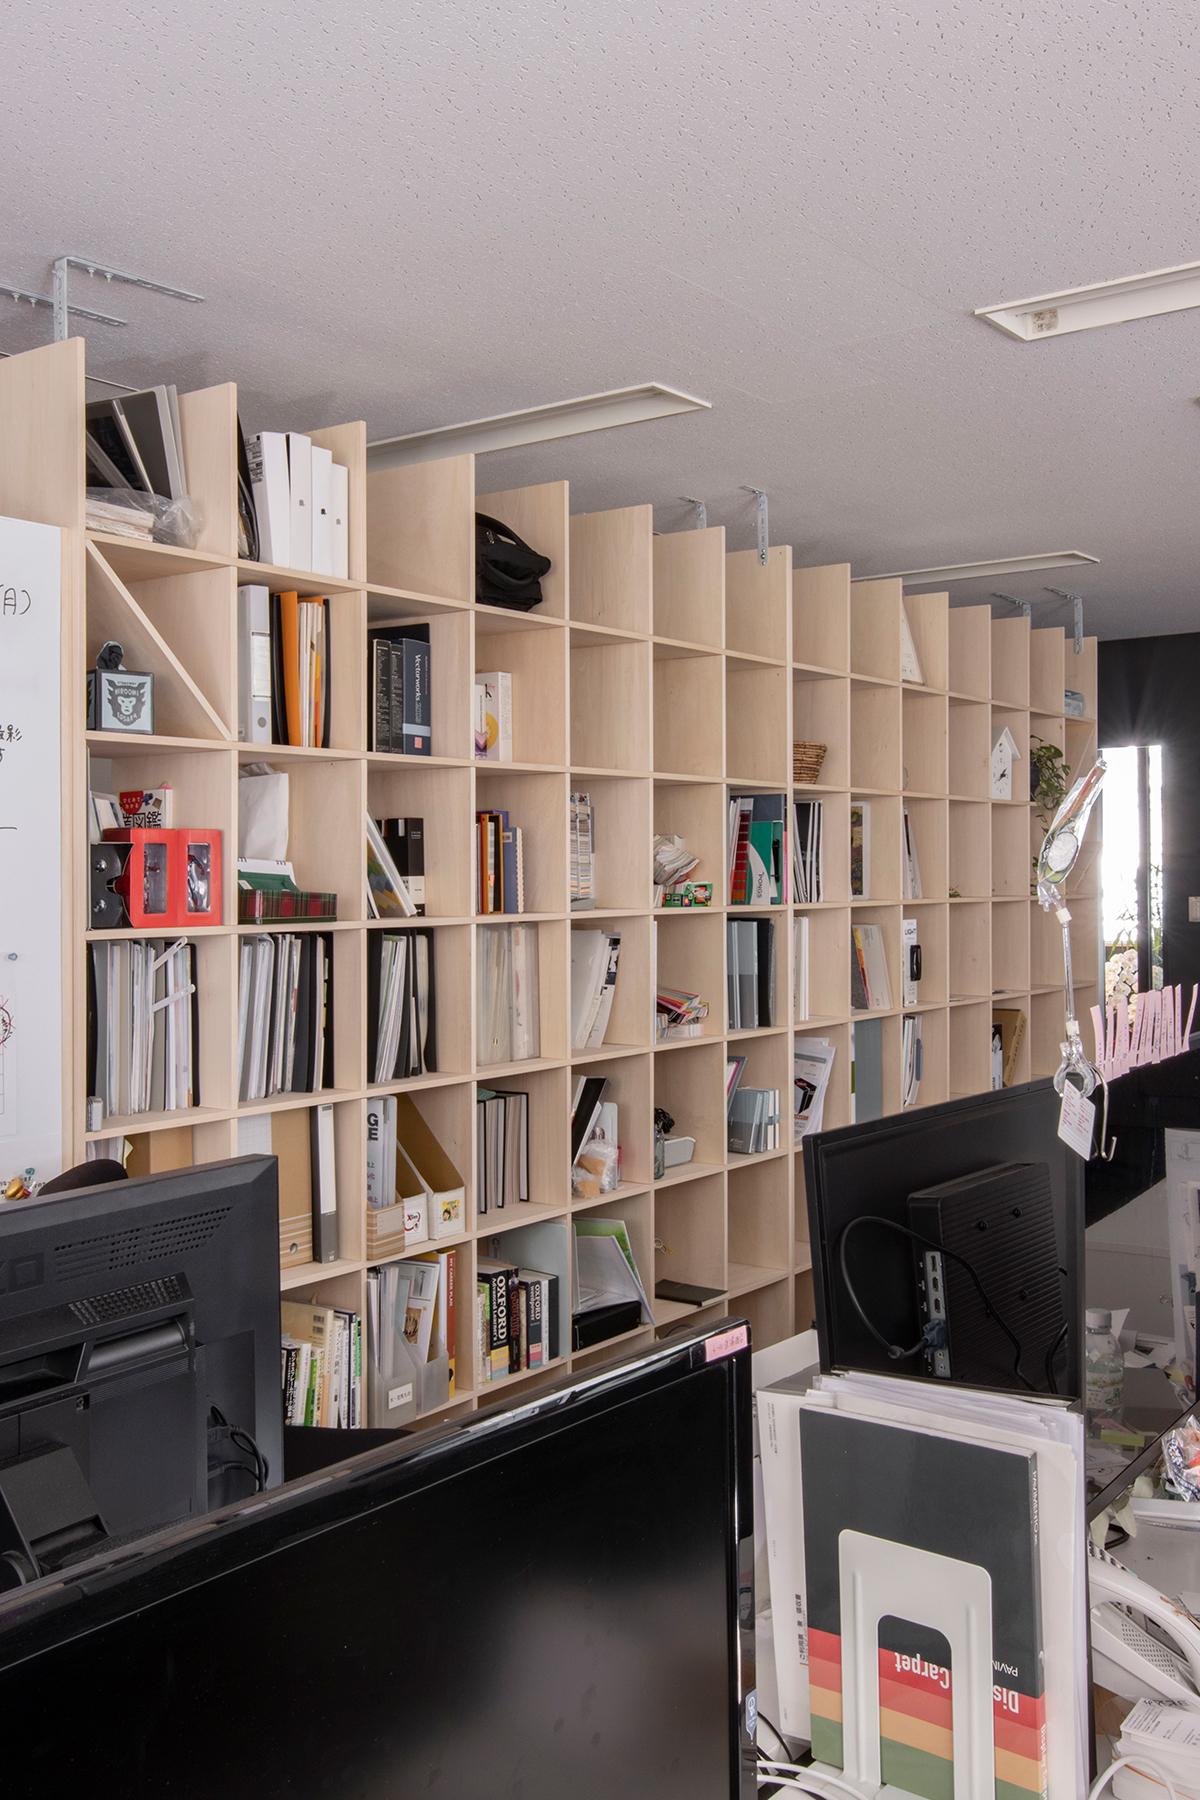 デザインオフィスの間仕切りに   壁一面の本棚 奥行350mm / Shelf (No.99)   マルゲリータ使用例 シンプル おしゃれ 部屋 インテリア レイアウト